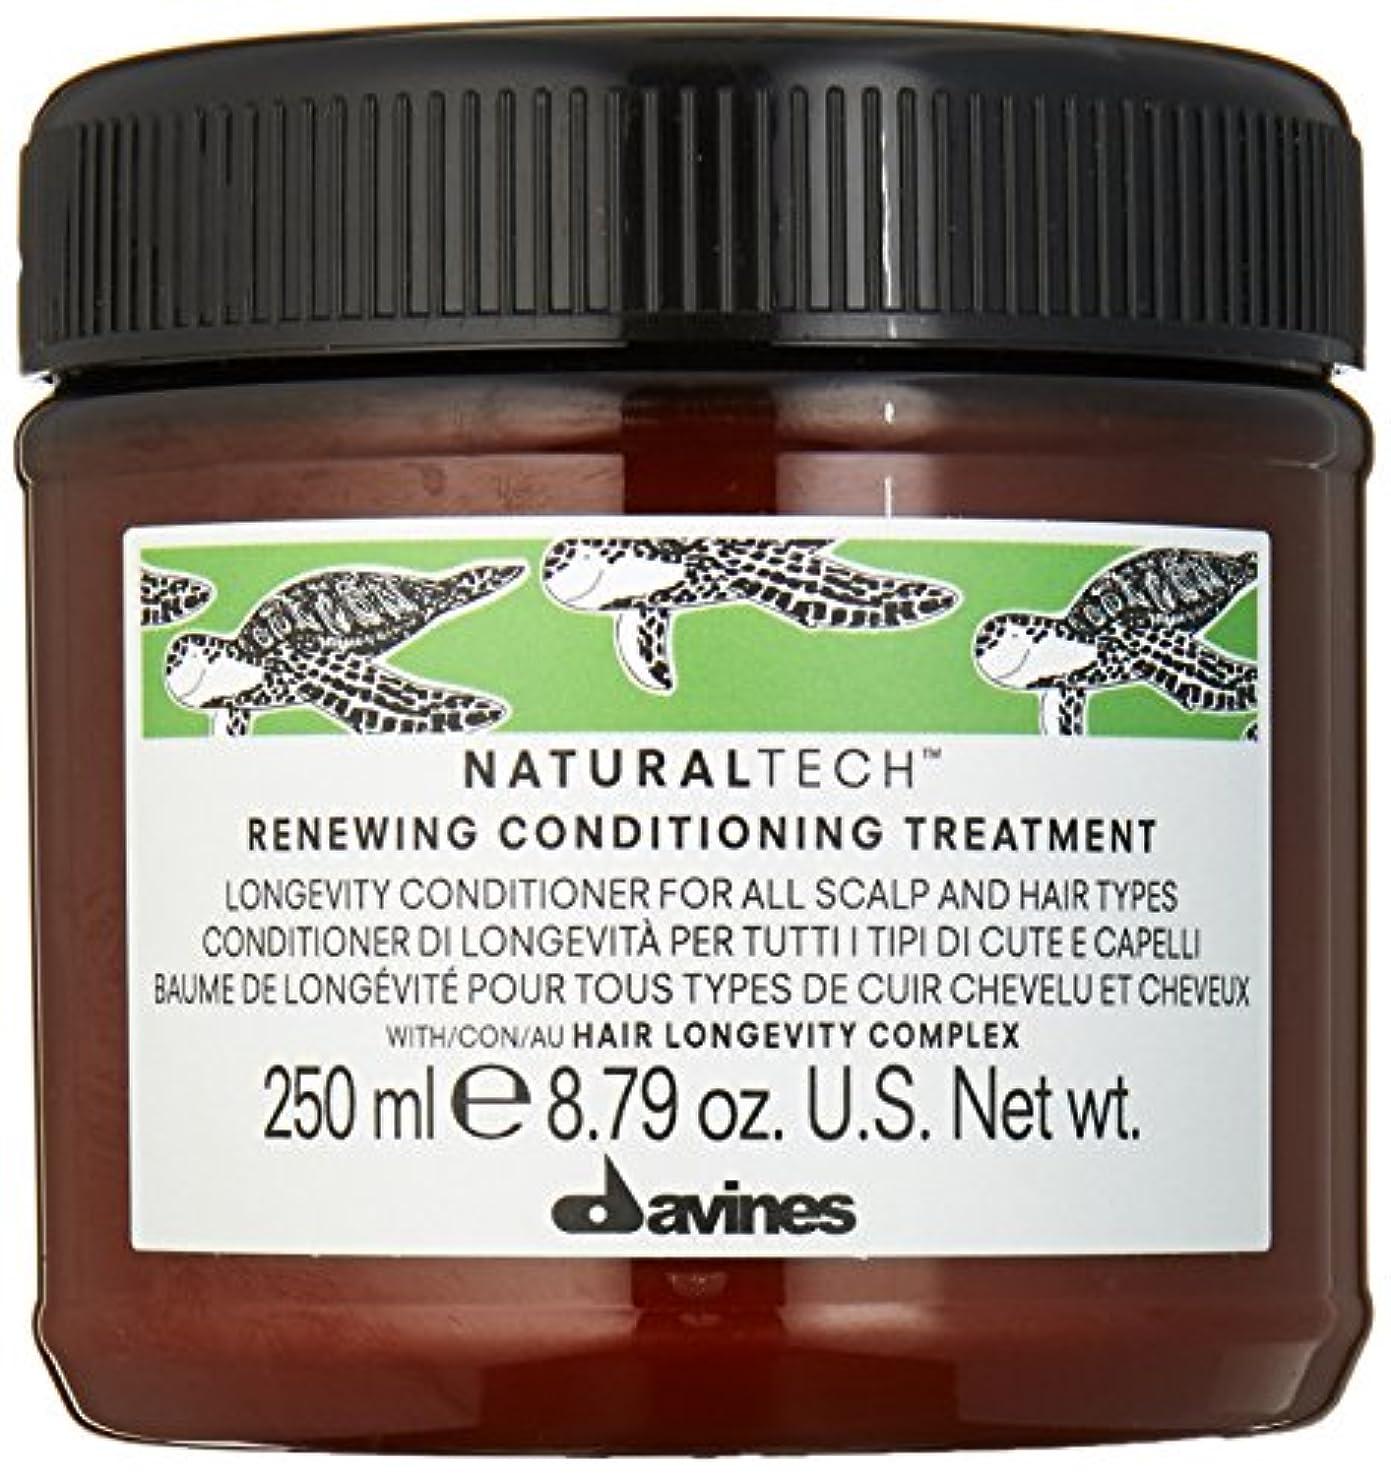 起業家マイナー抵当ダヴィネス Natural Tech Renewing Conditioning Treatment (For All Scalp and Hair Types) 250ml/8.79oz並行輸入品